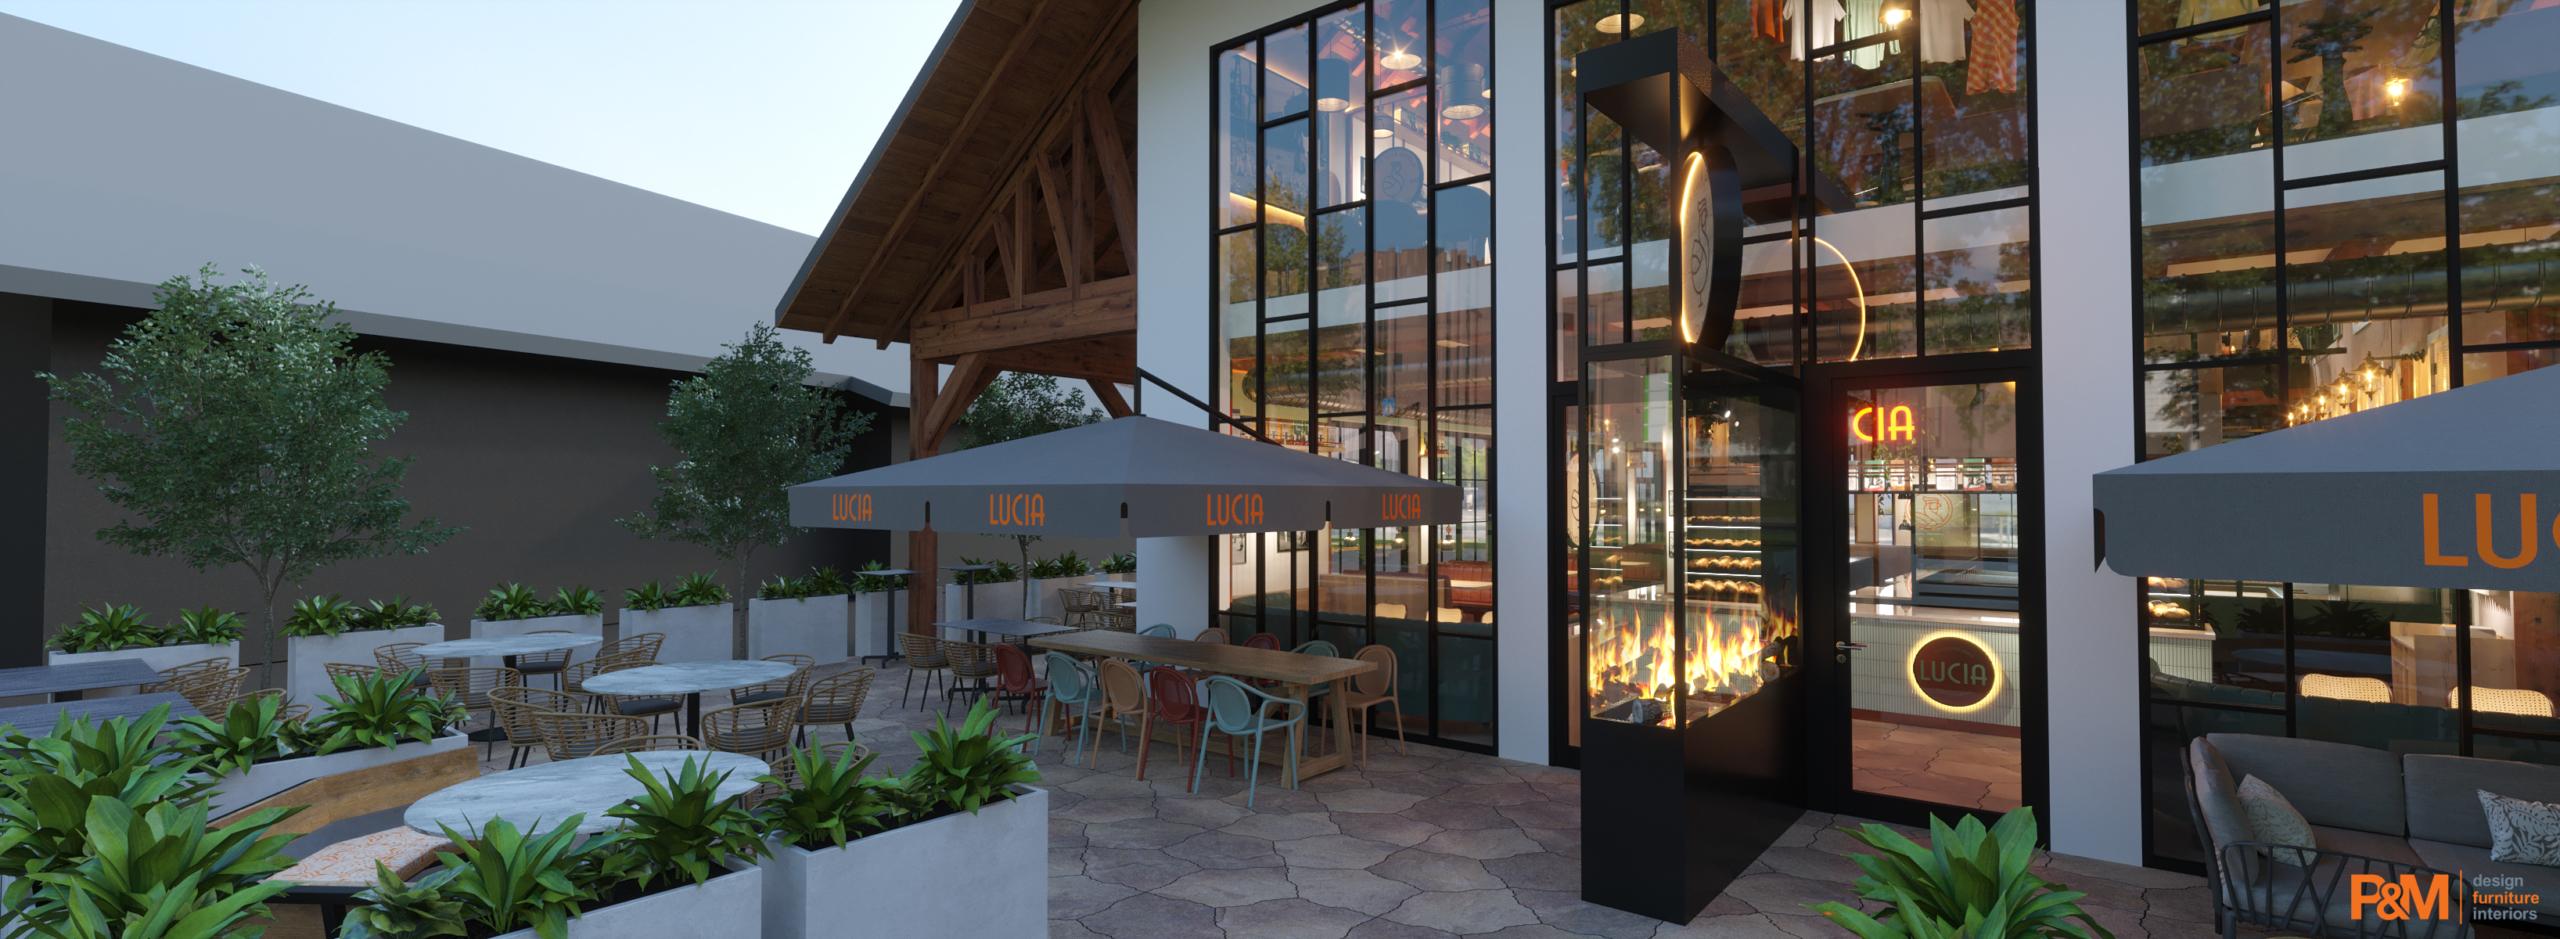 LUCIA Restaurant Ansicht draußen